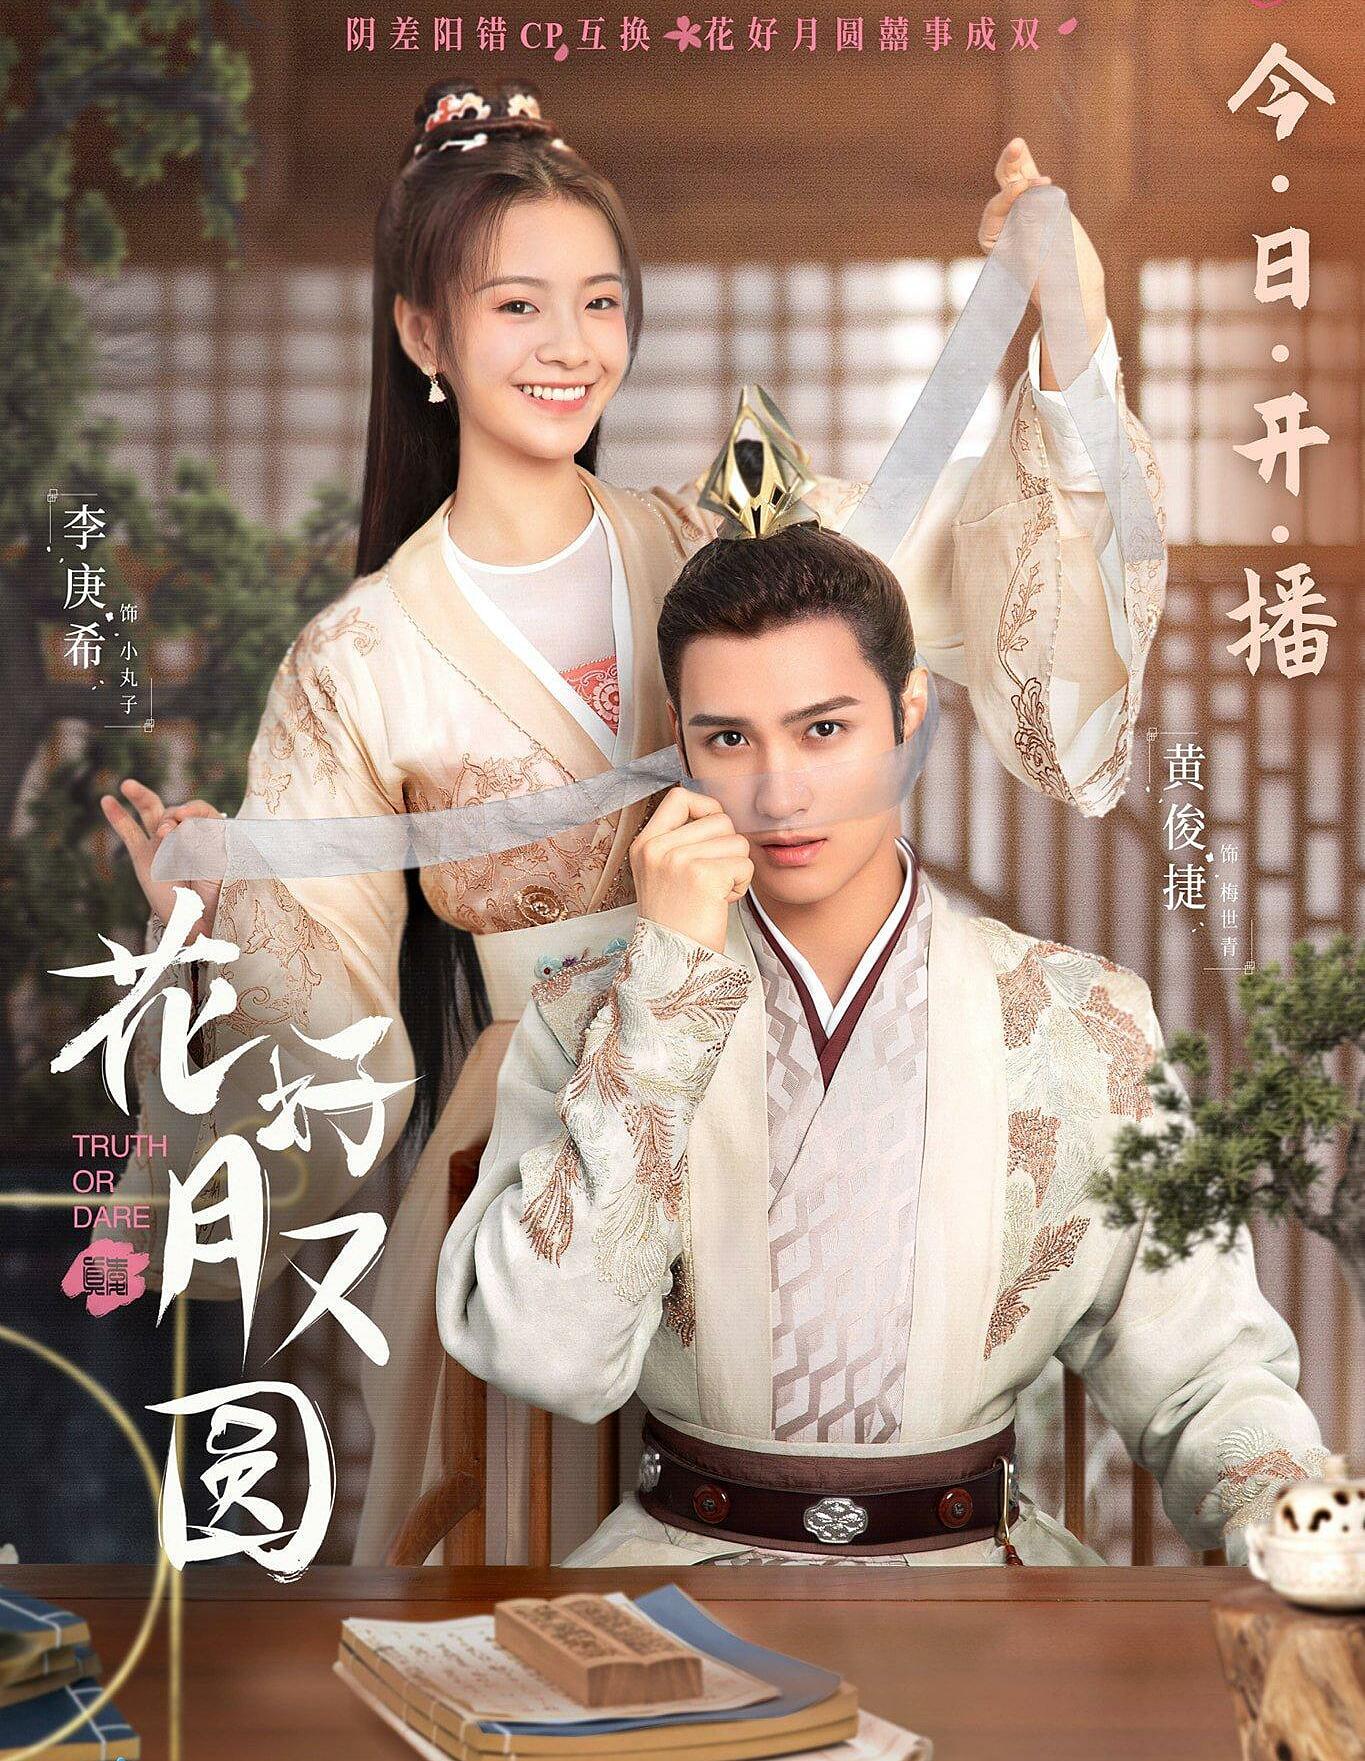 5 phim Trung Quốc nổi rần rần, được xem nhiều nhất hiện nay   - 3